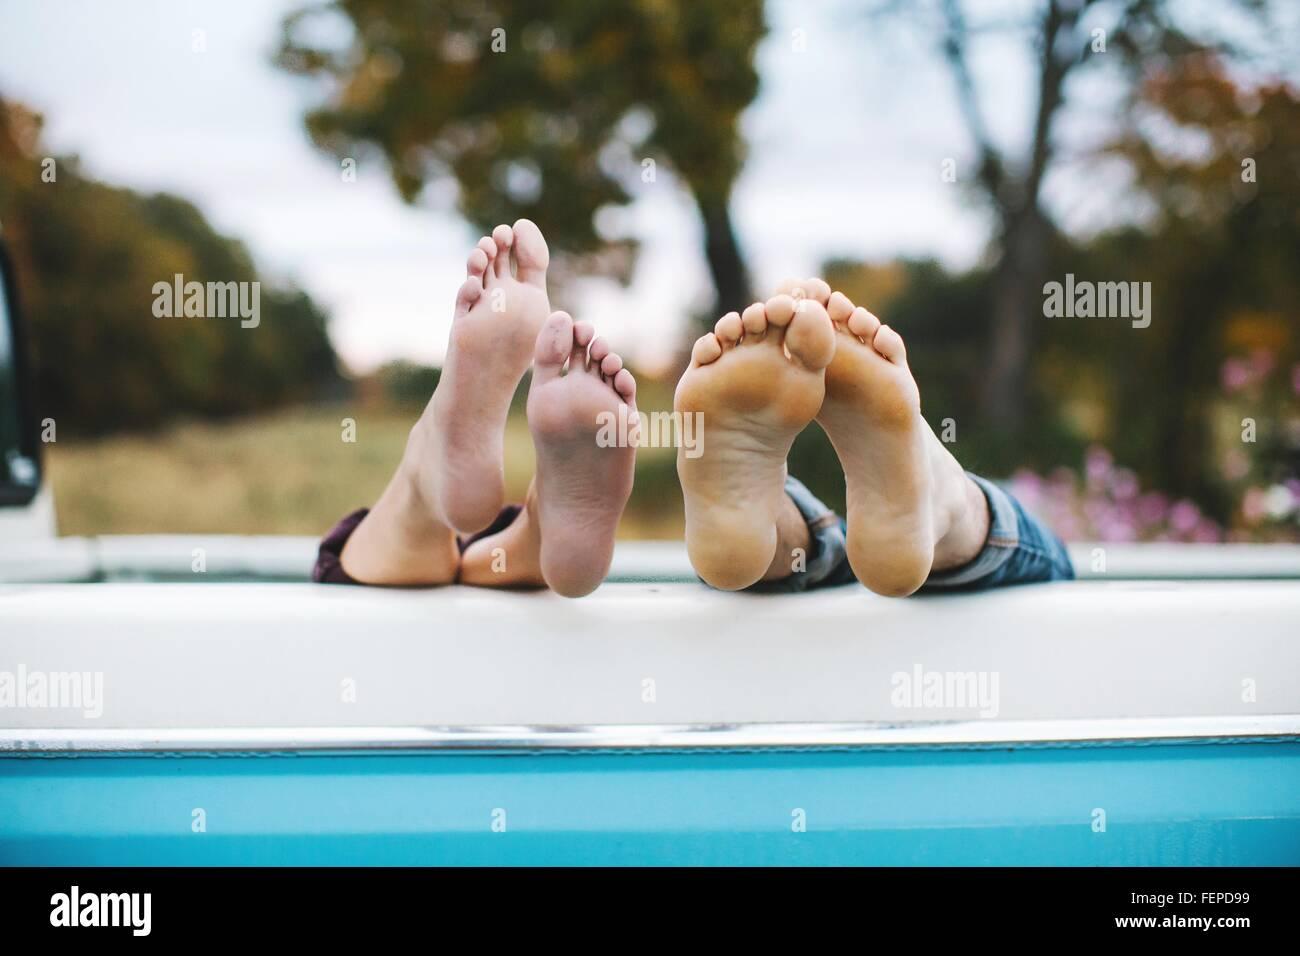 Pareja joven tumbado en la parte trasera de la carretilla, los pies descalzos en el borde de la carretilla, se centran Imagen De Stock